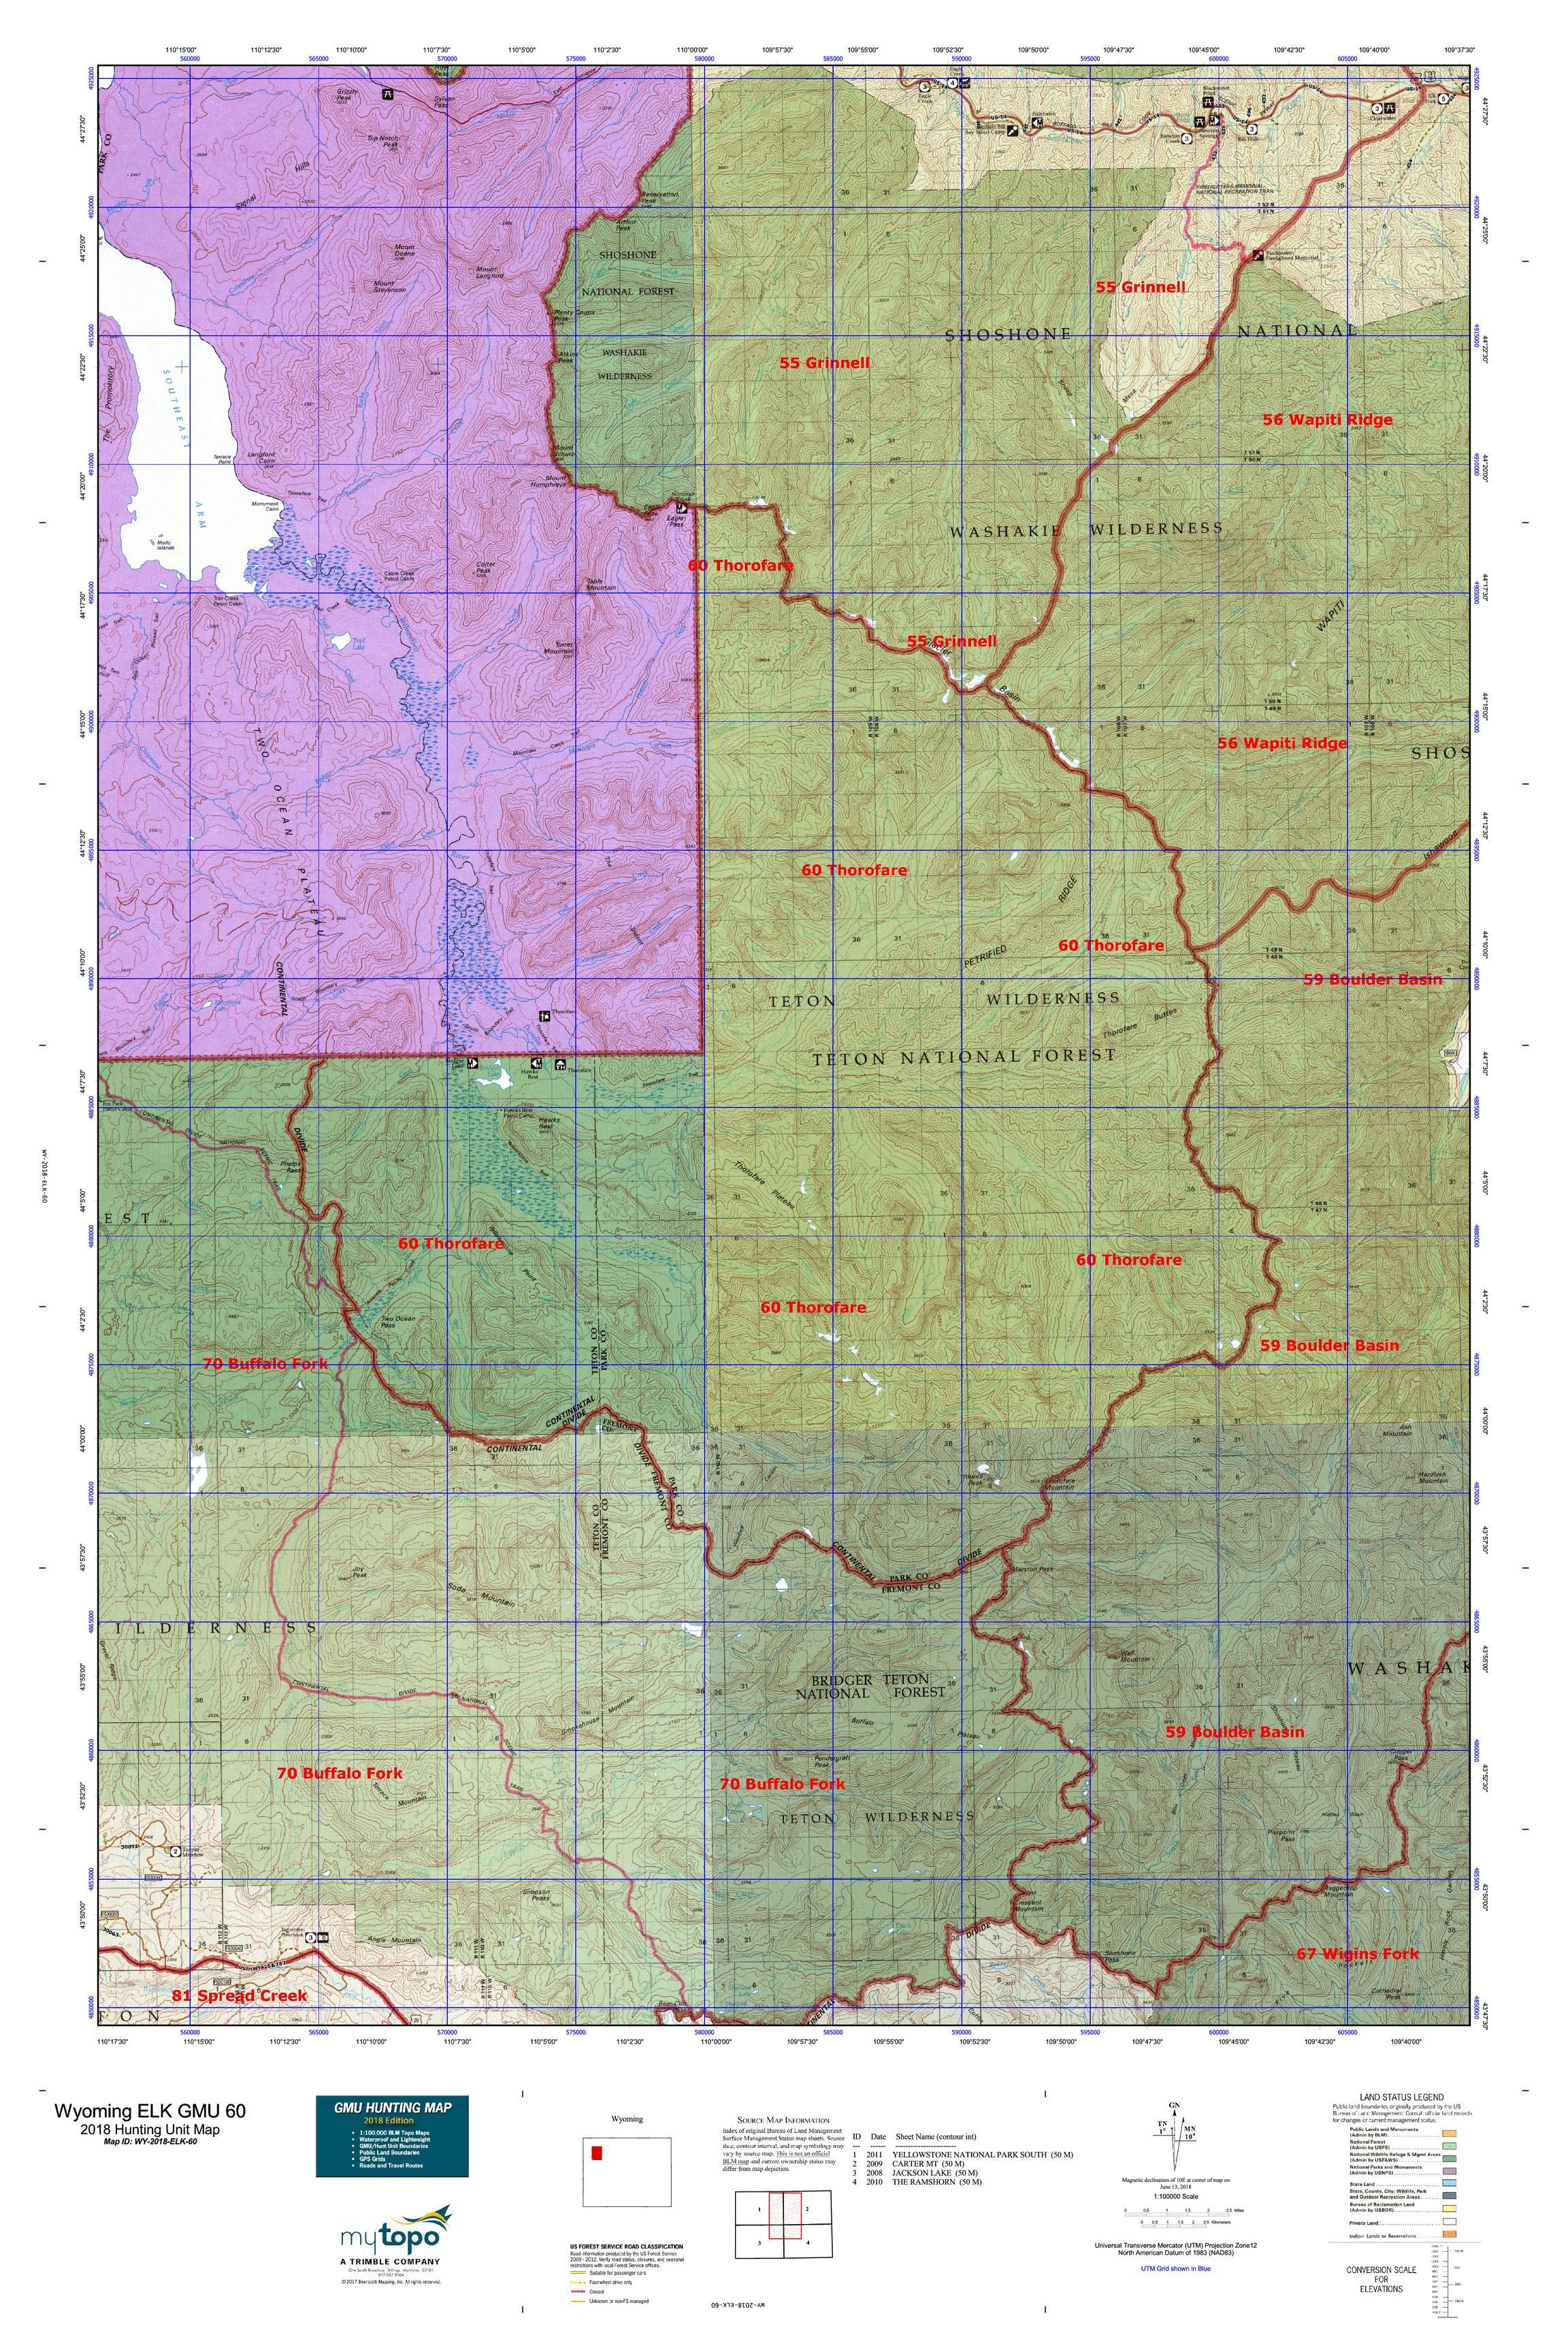 Wyoming Elk Gmu 60 Map Mytopo - Us-60-map